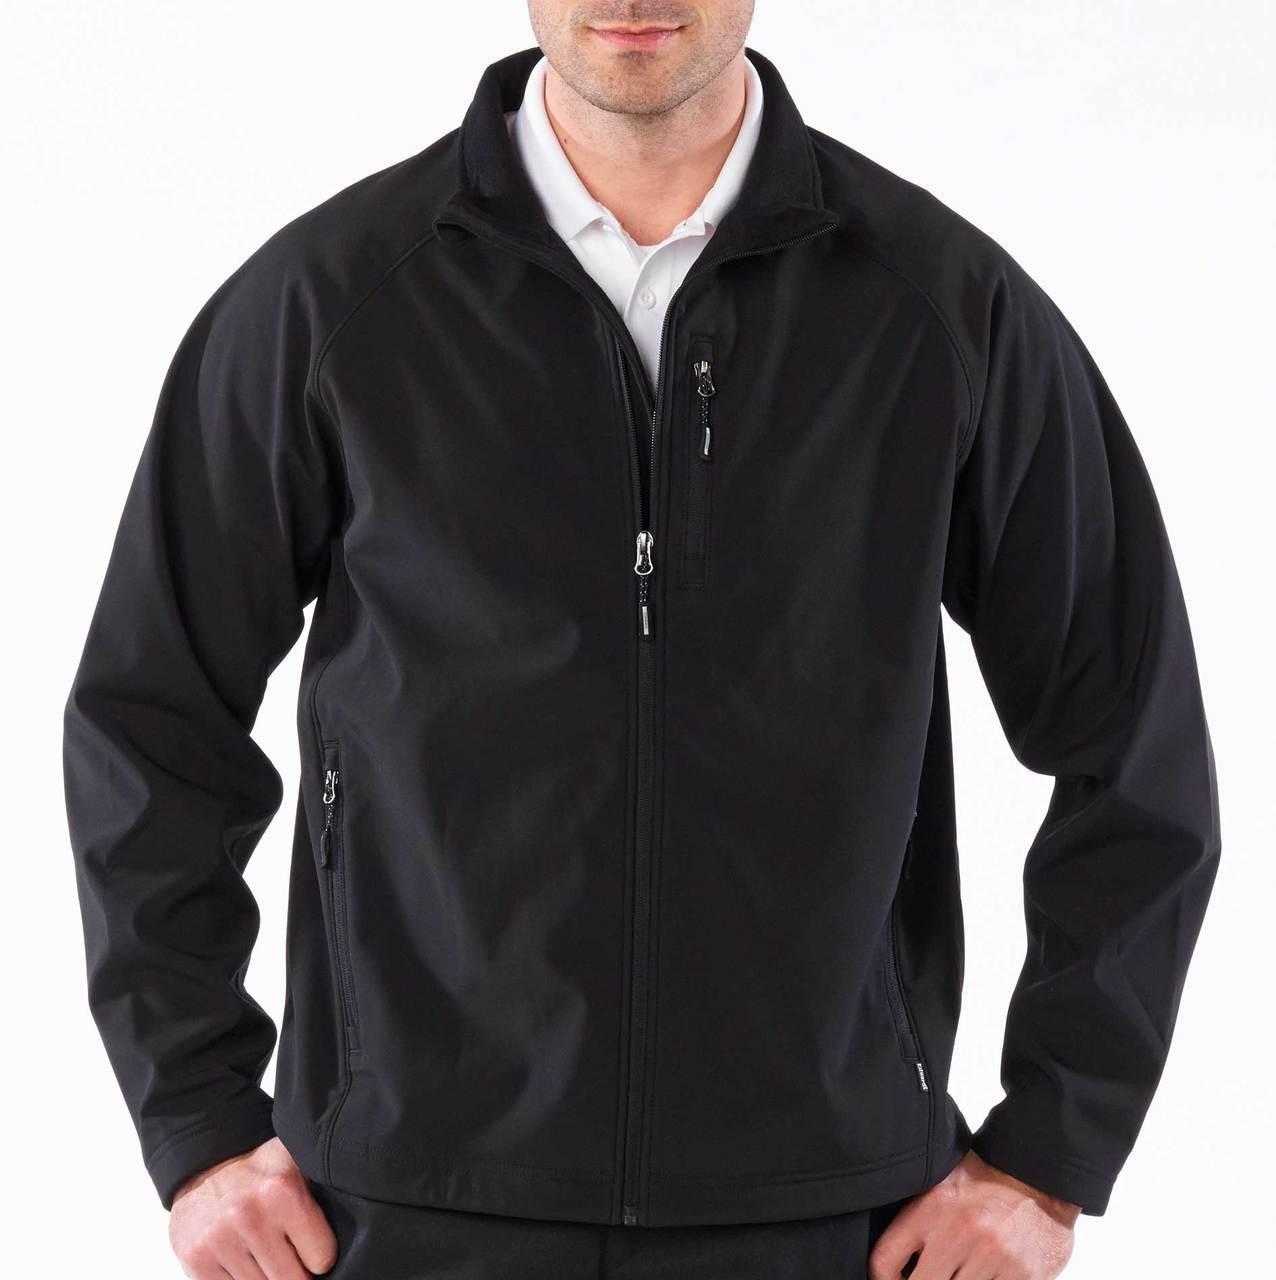 Soft Shell Employee Jacket